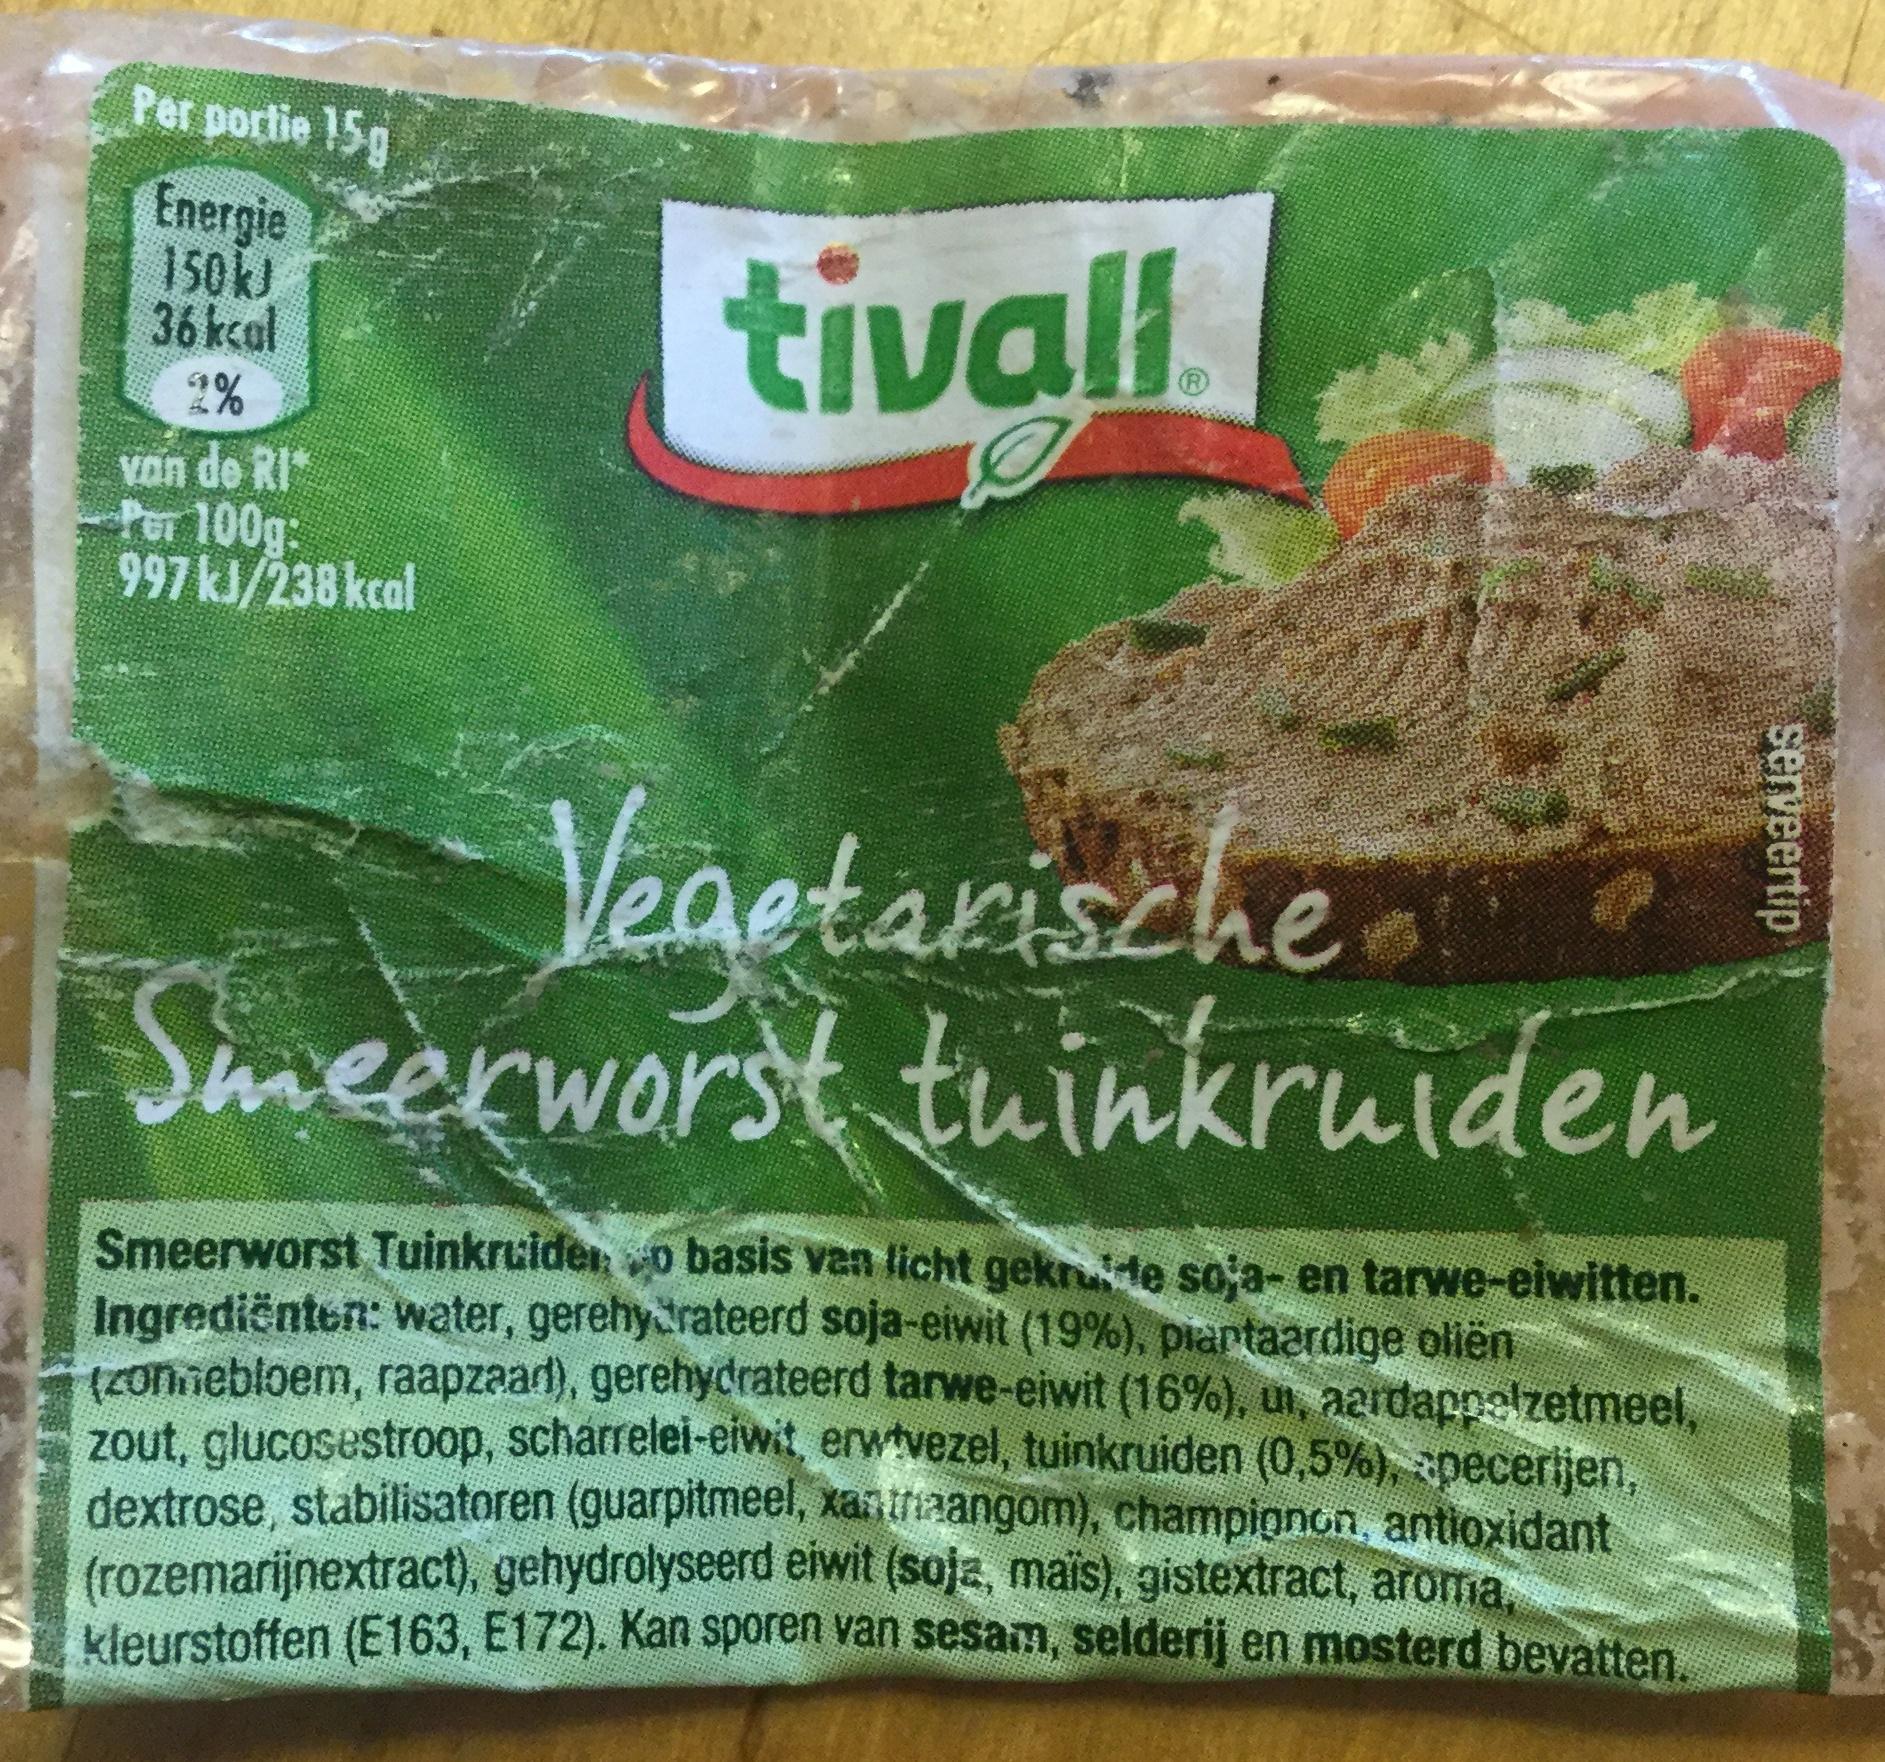 Vegetarische smeerworst tuinkruiden - Product